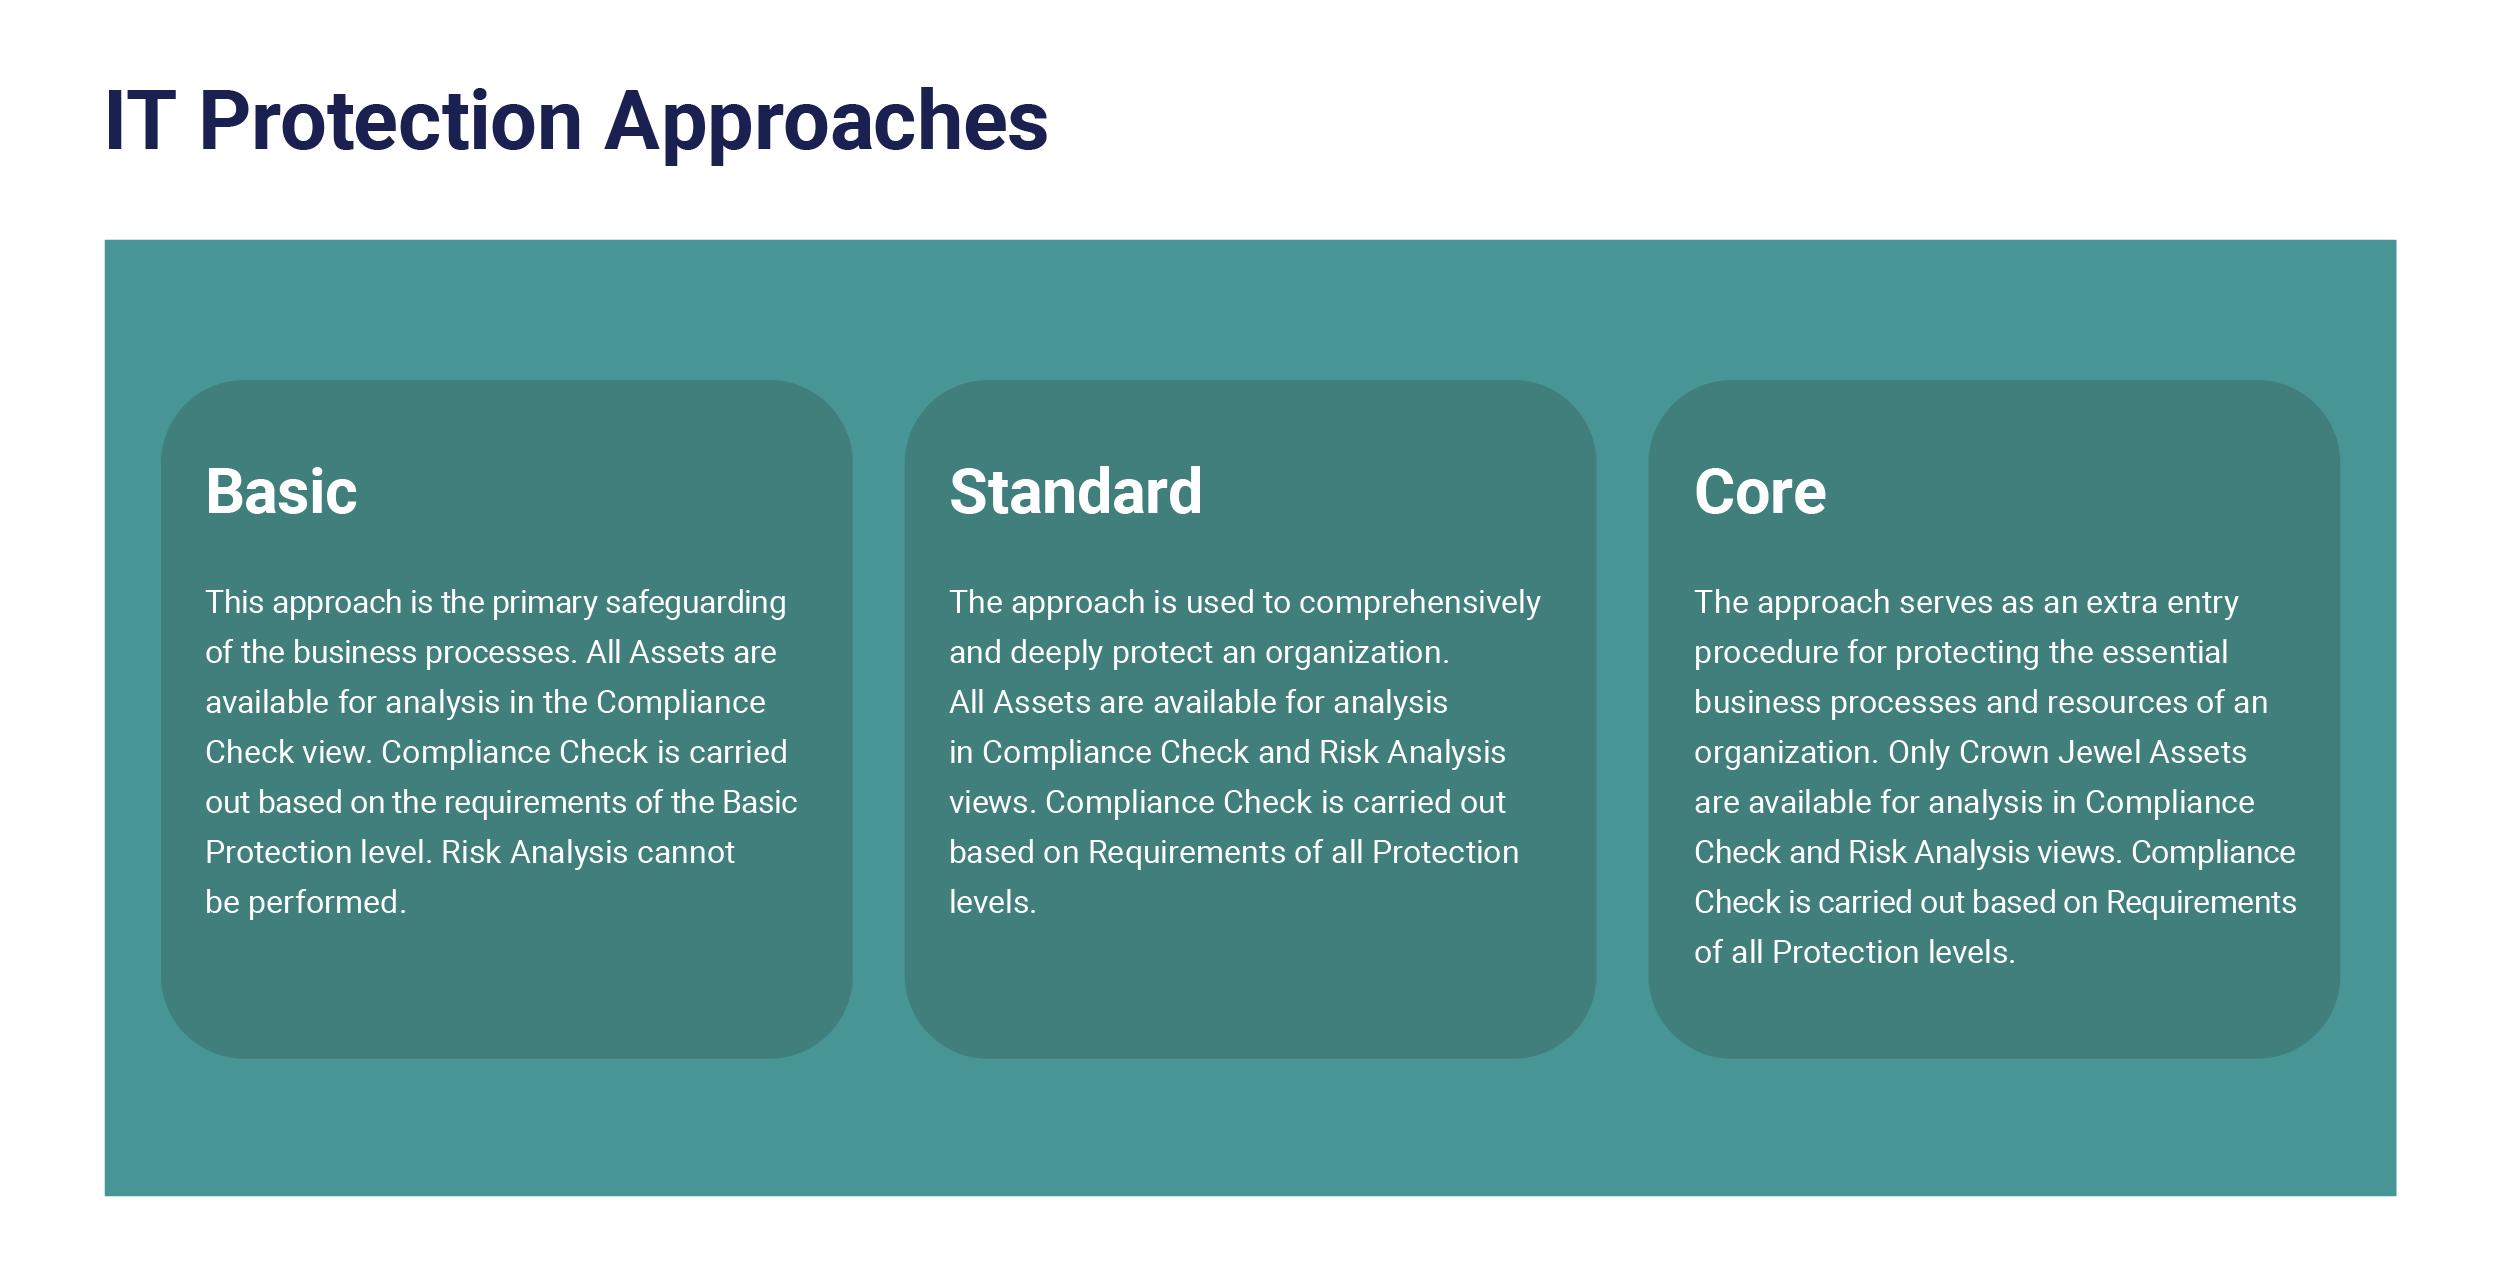 IT Grundschutz implementation